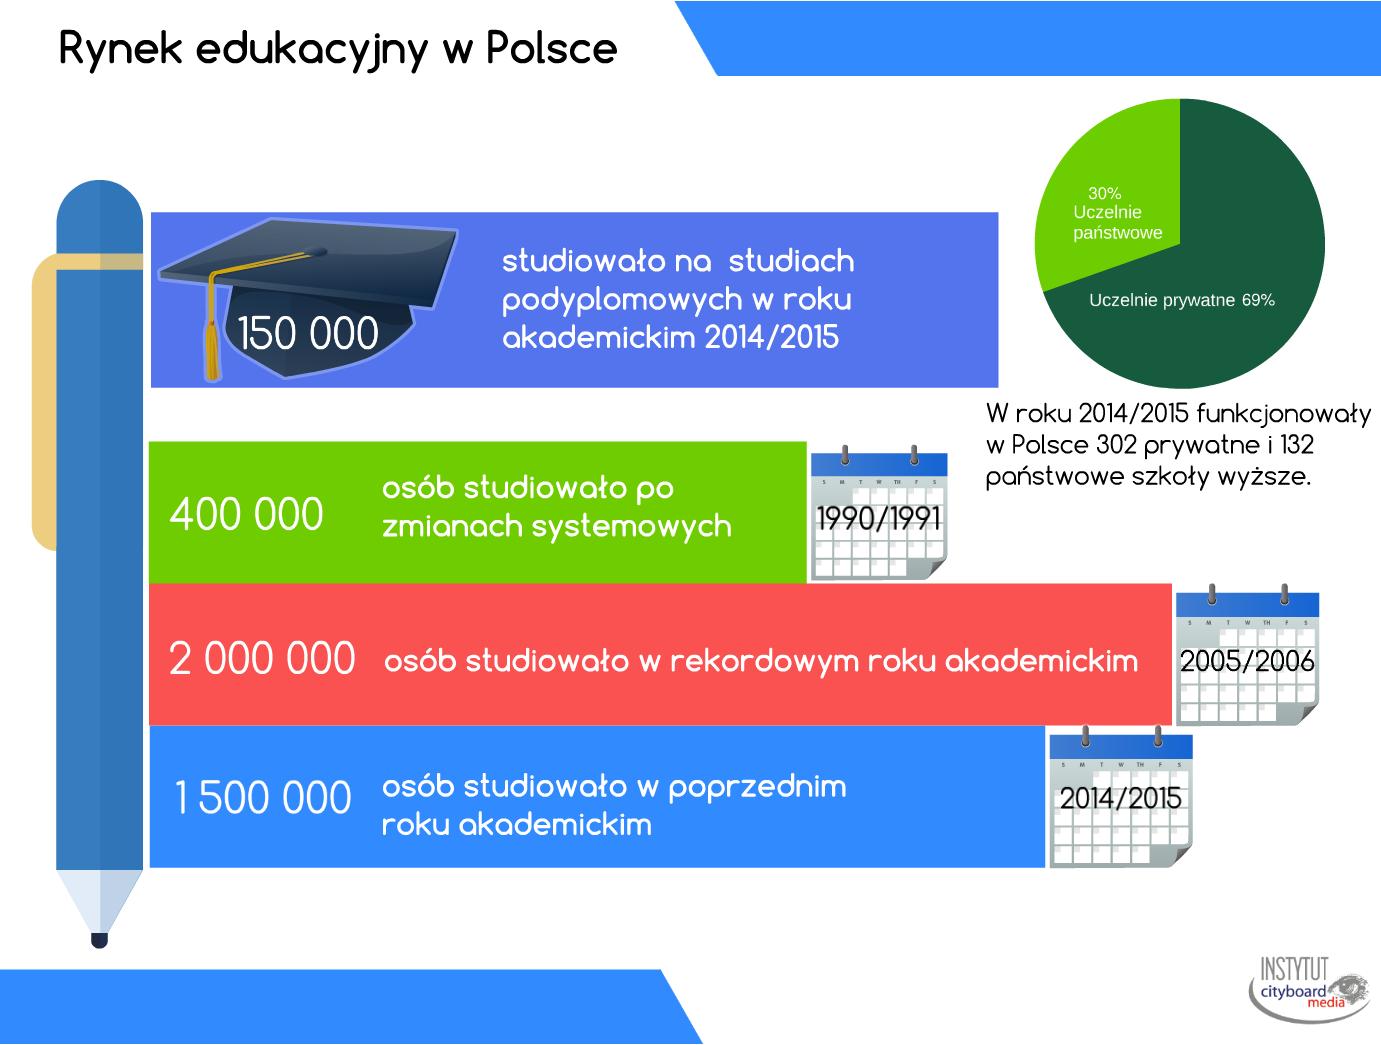 Rynek Edukacyjny W Polsce (Źródło:Cityboard Media)